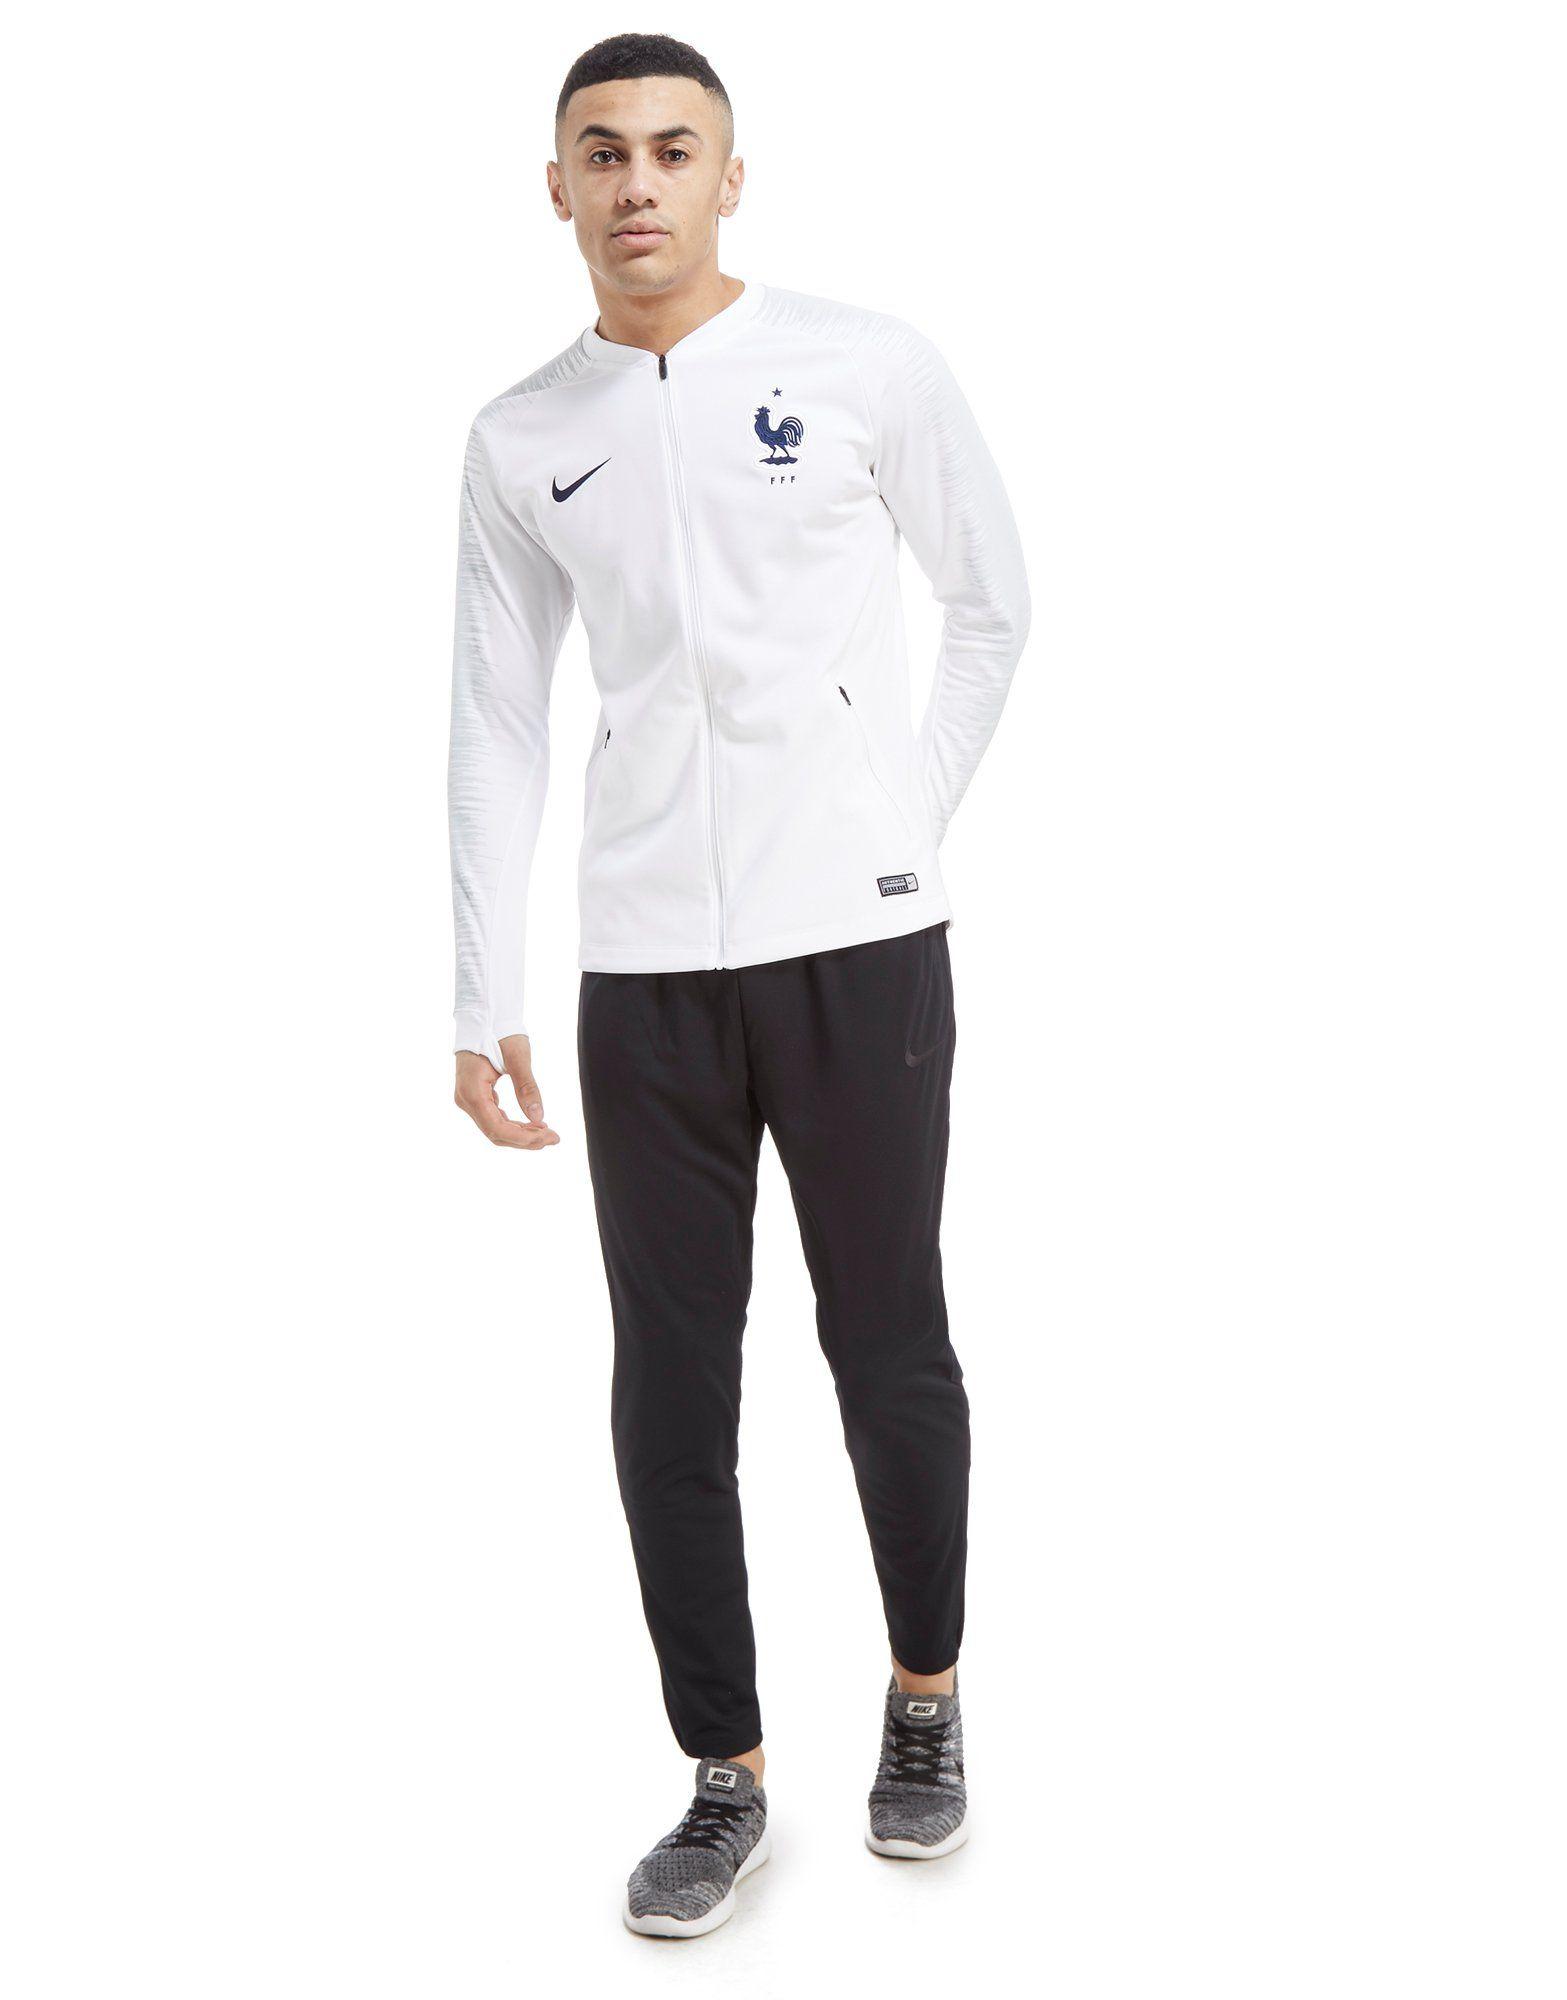 Kostenloser Versand Billige Nicekicks Nike France Anthem Jacket Weiss Rabatt 2018 Neueste Billig Verkauf Zu Kaufen Bekommen 4NCyA7FcXv